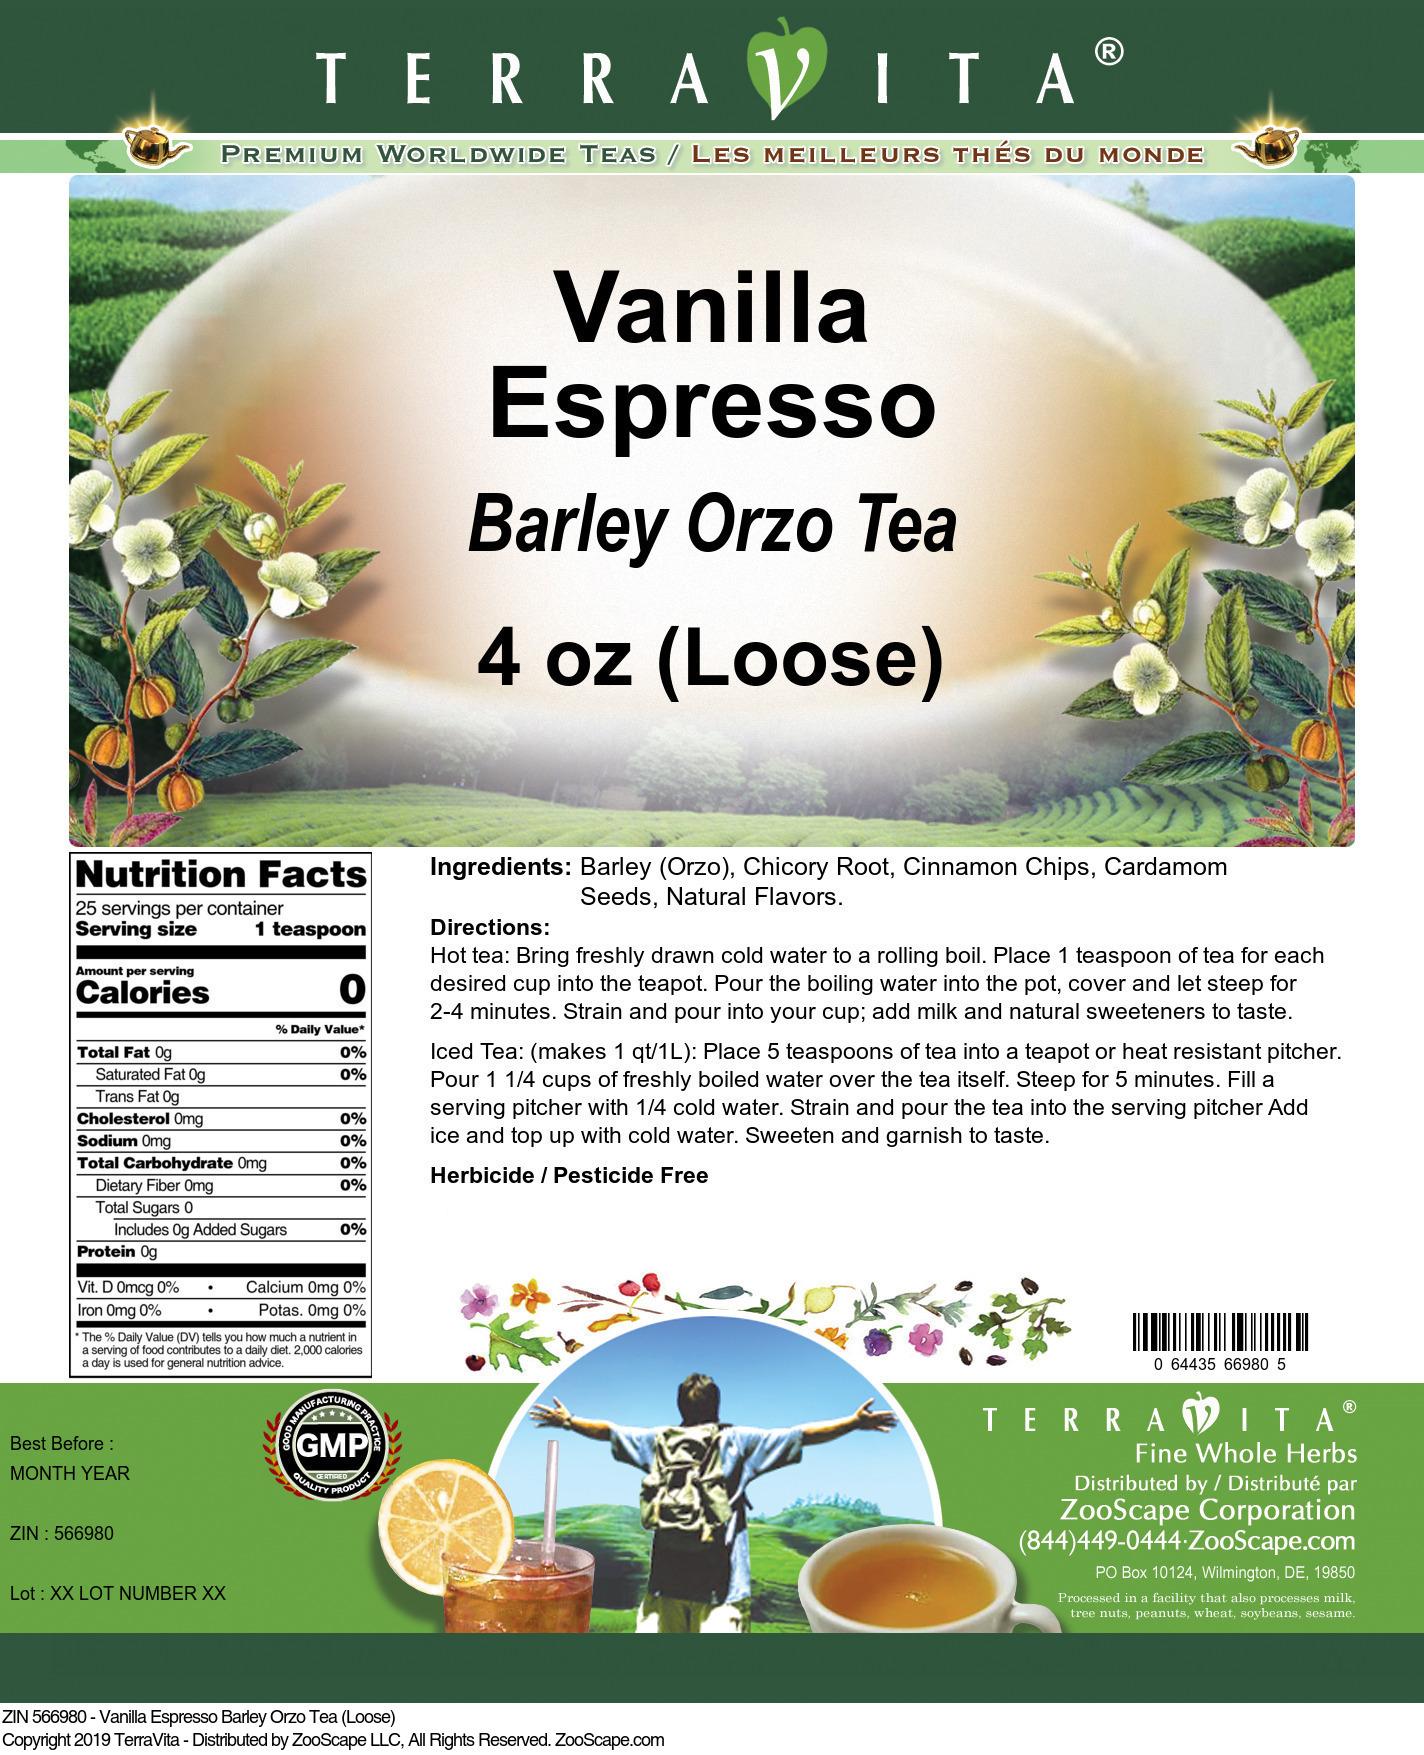 Vanilla Espresso Barley Orzo Tea (Loose)